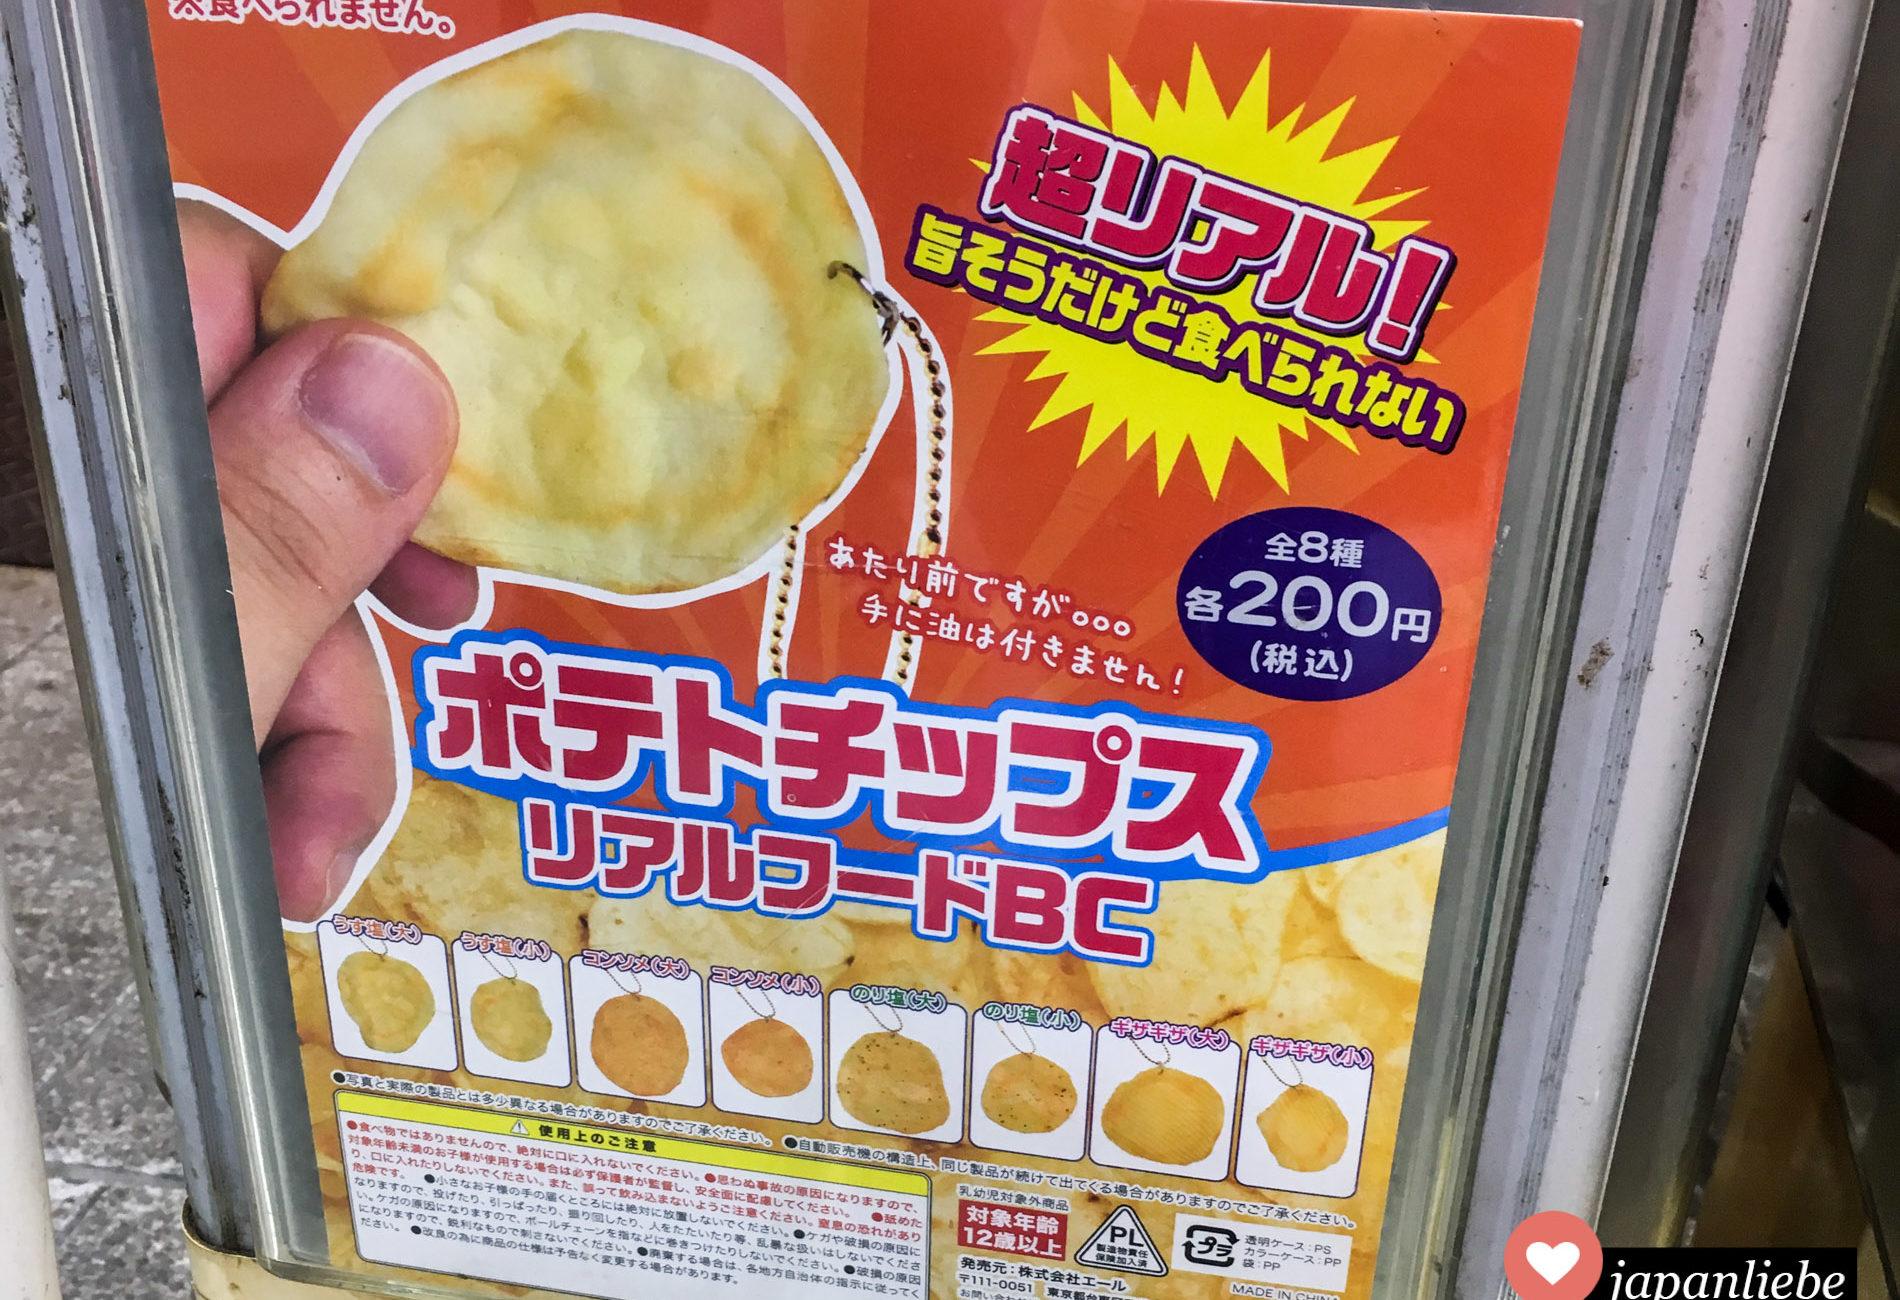 Gashapon: Kartoffelchips